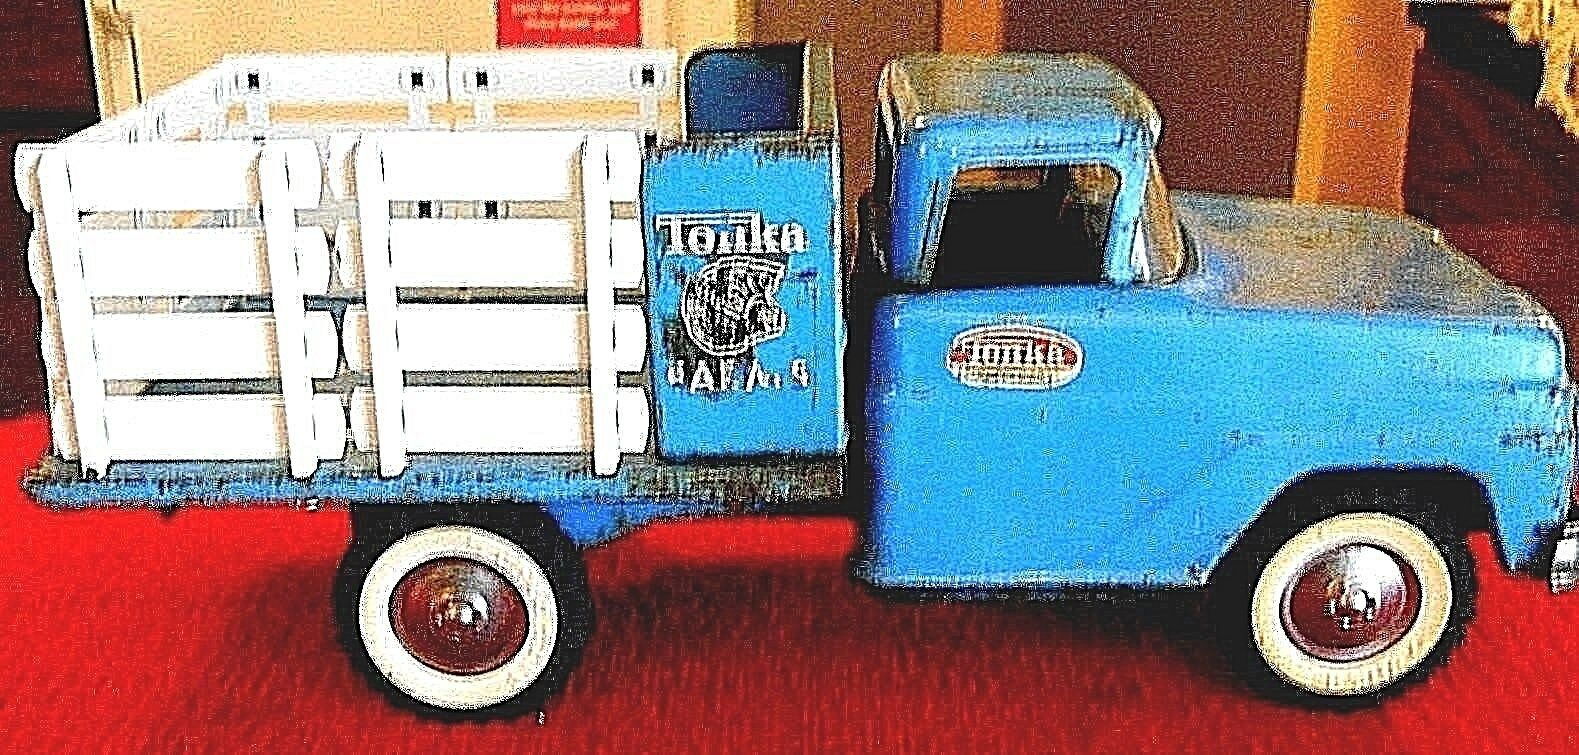 TONKA Farms 1962 lit plat jeu camion.